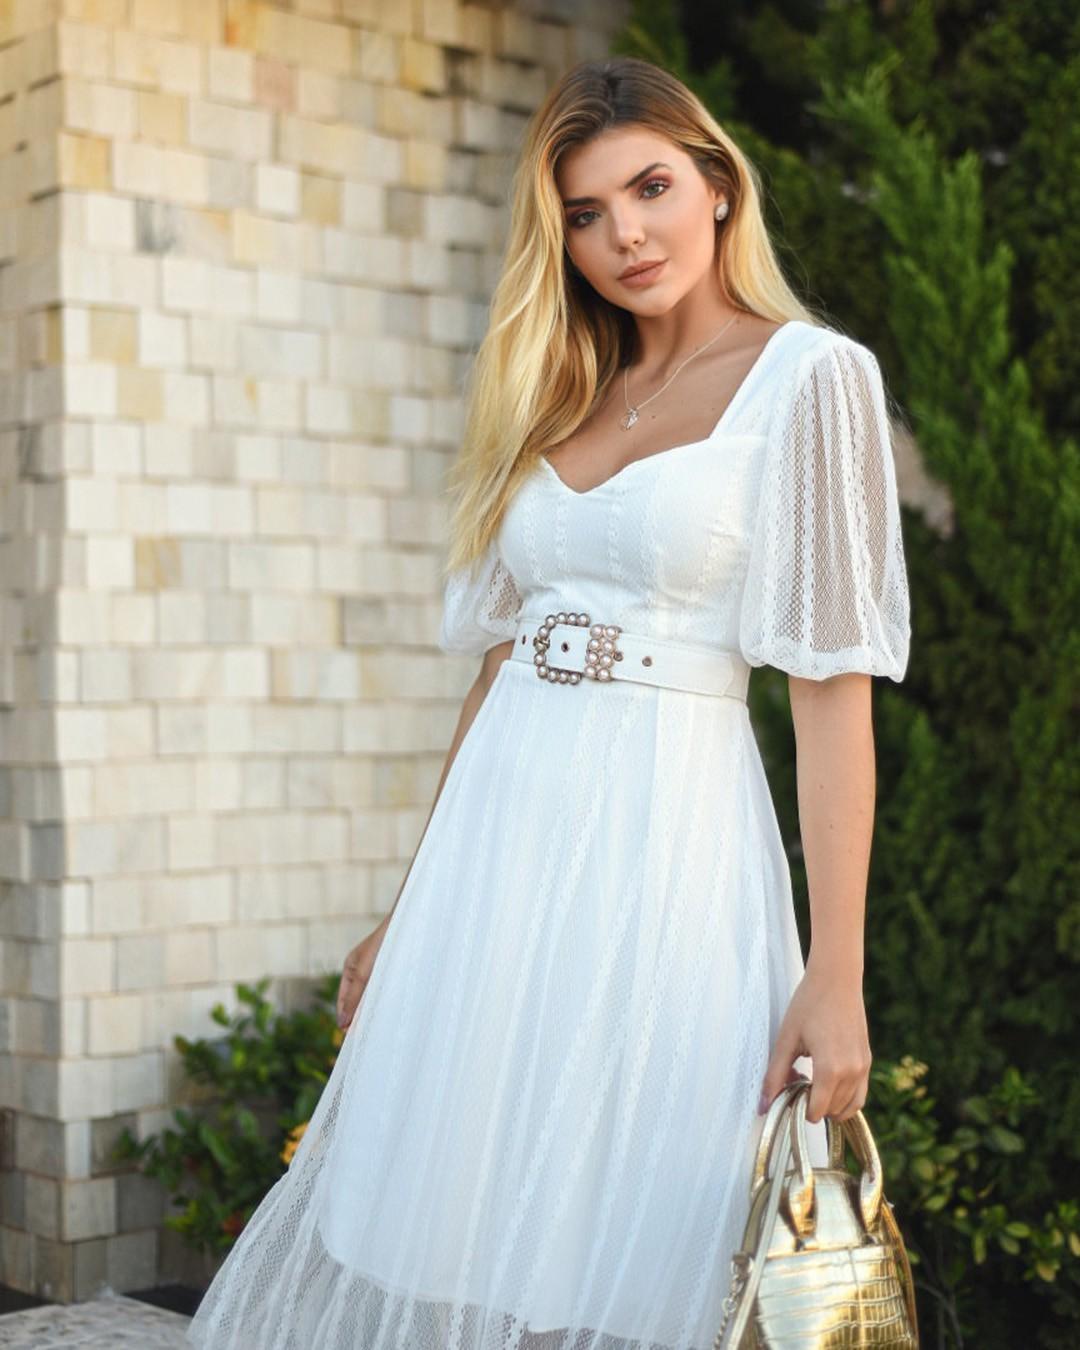 Vestido Branco Midi em Renda Casamento Civil Poema Hit